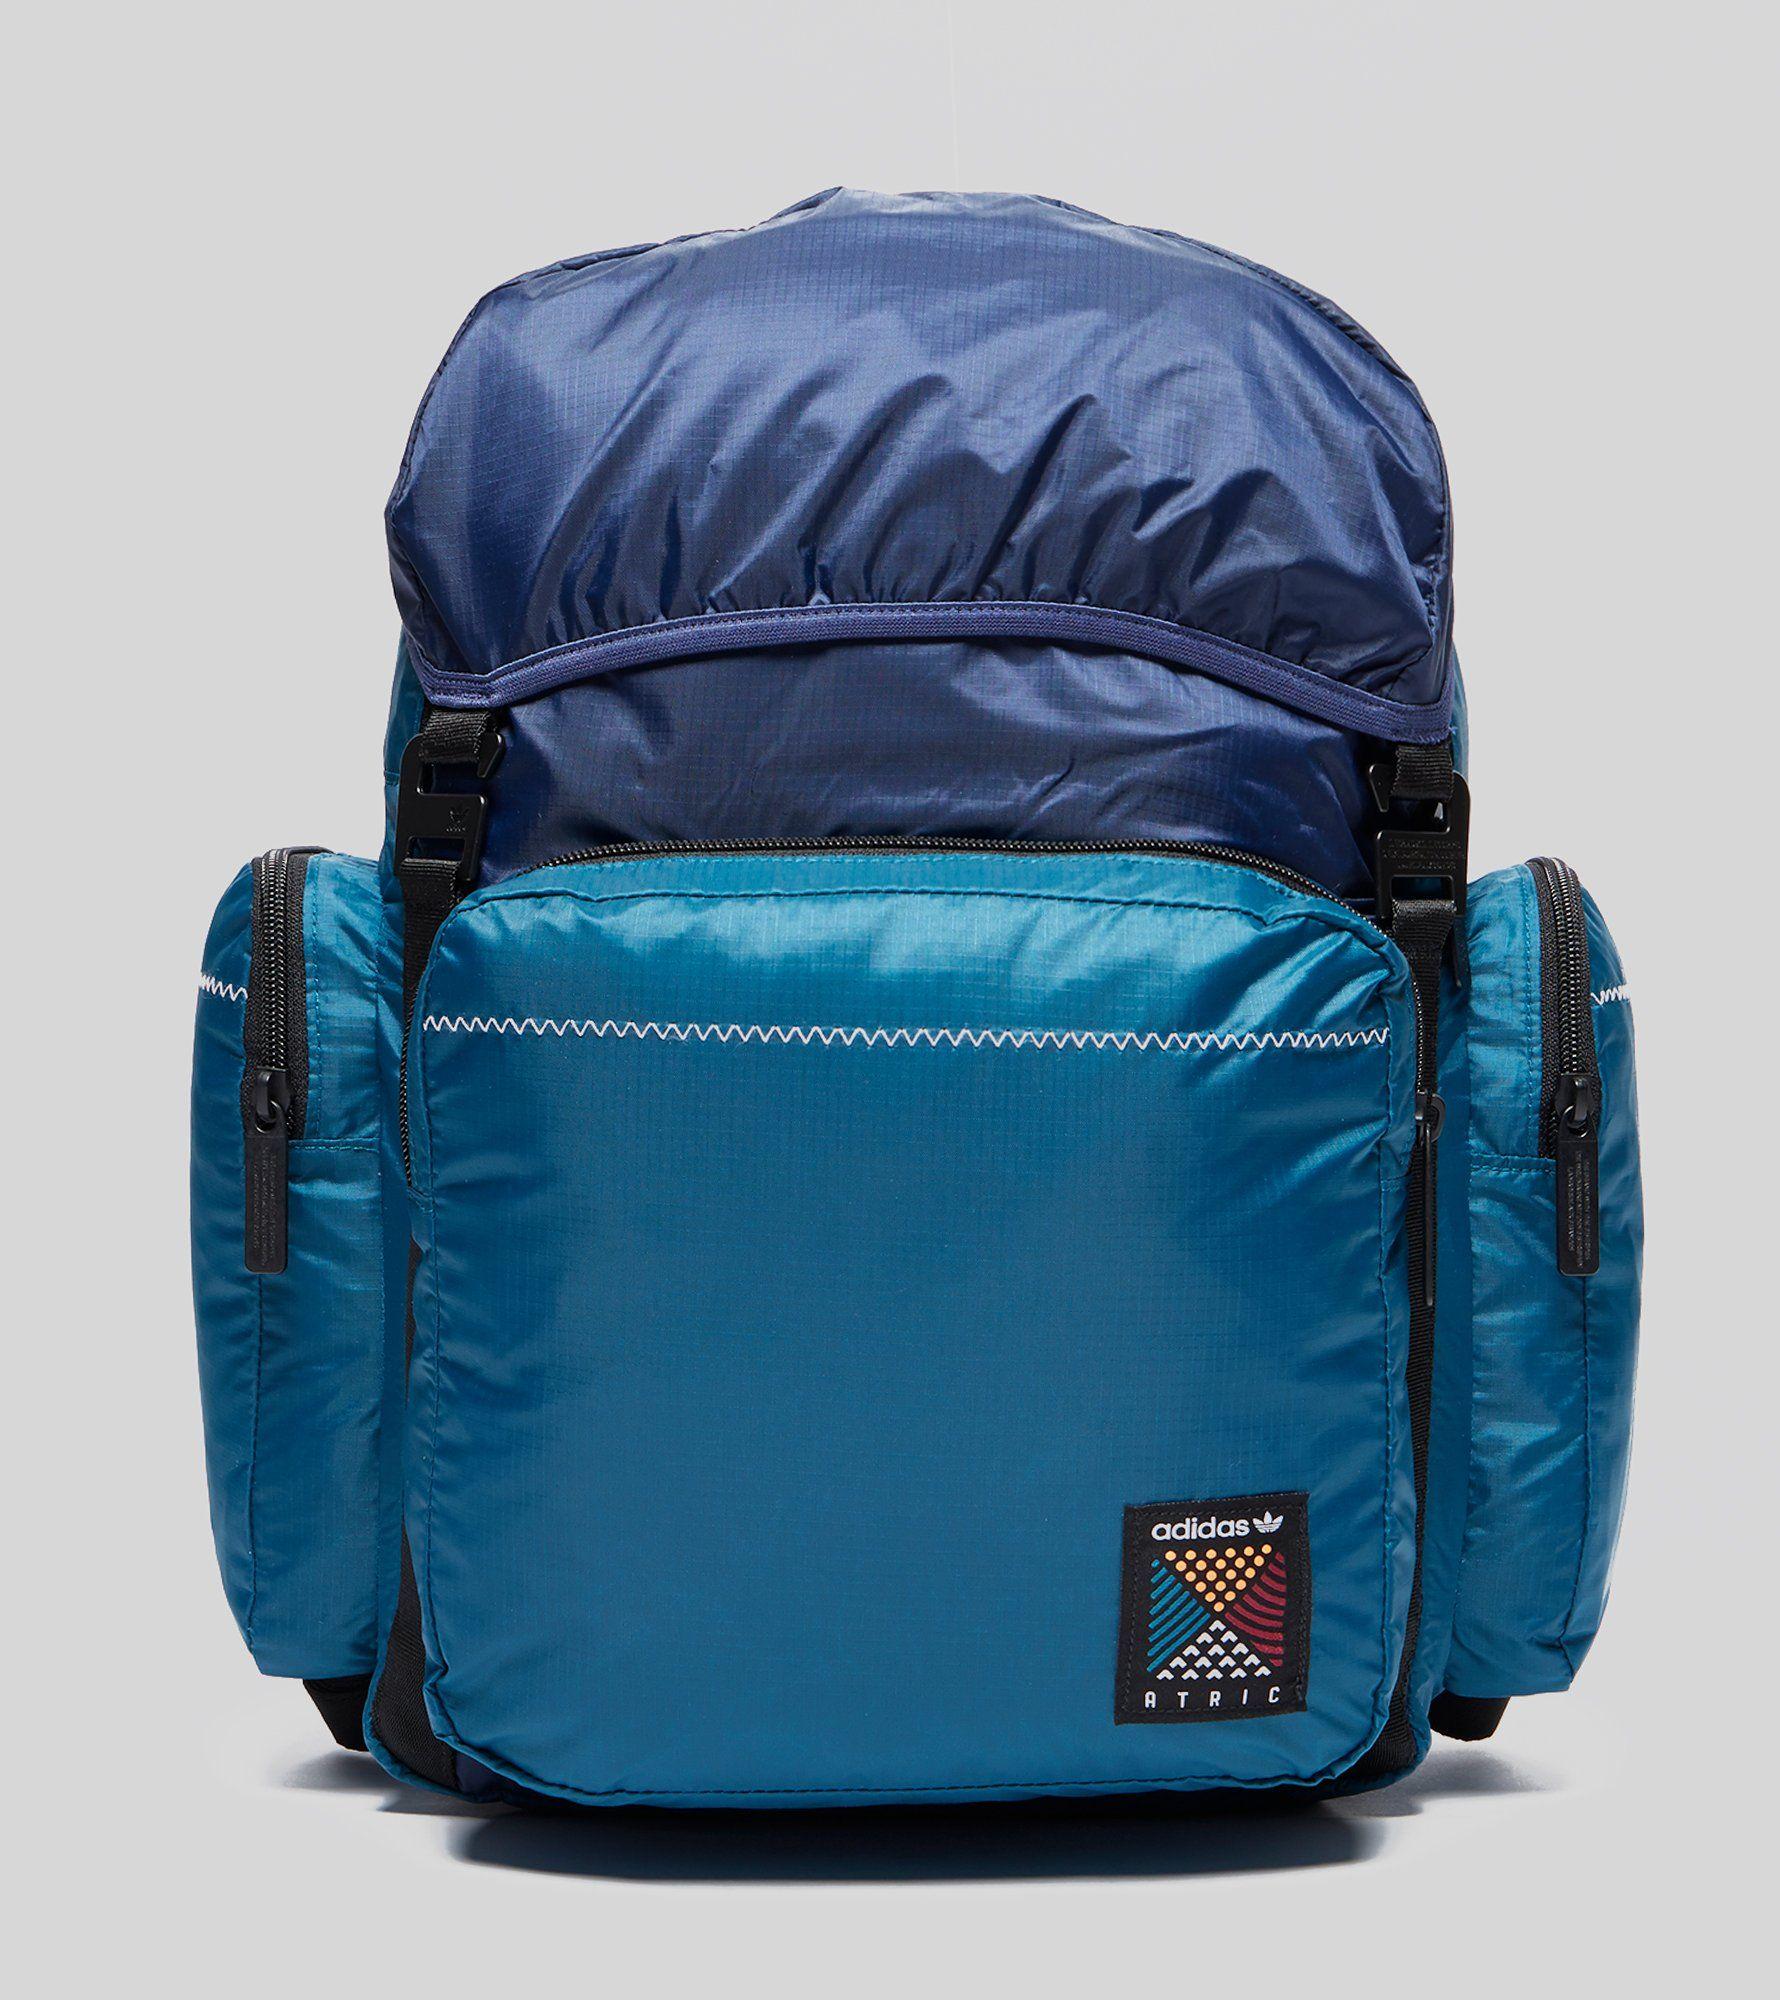 ¿Adidas Originals psiquiátrico mochila de tamaño mediano?